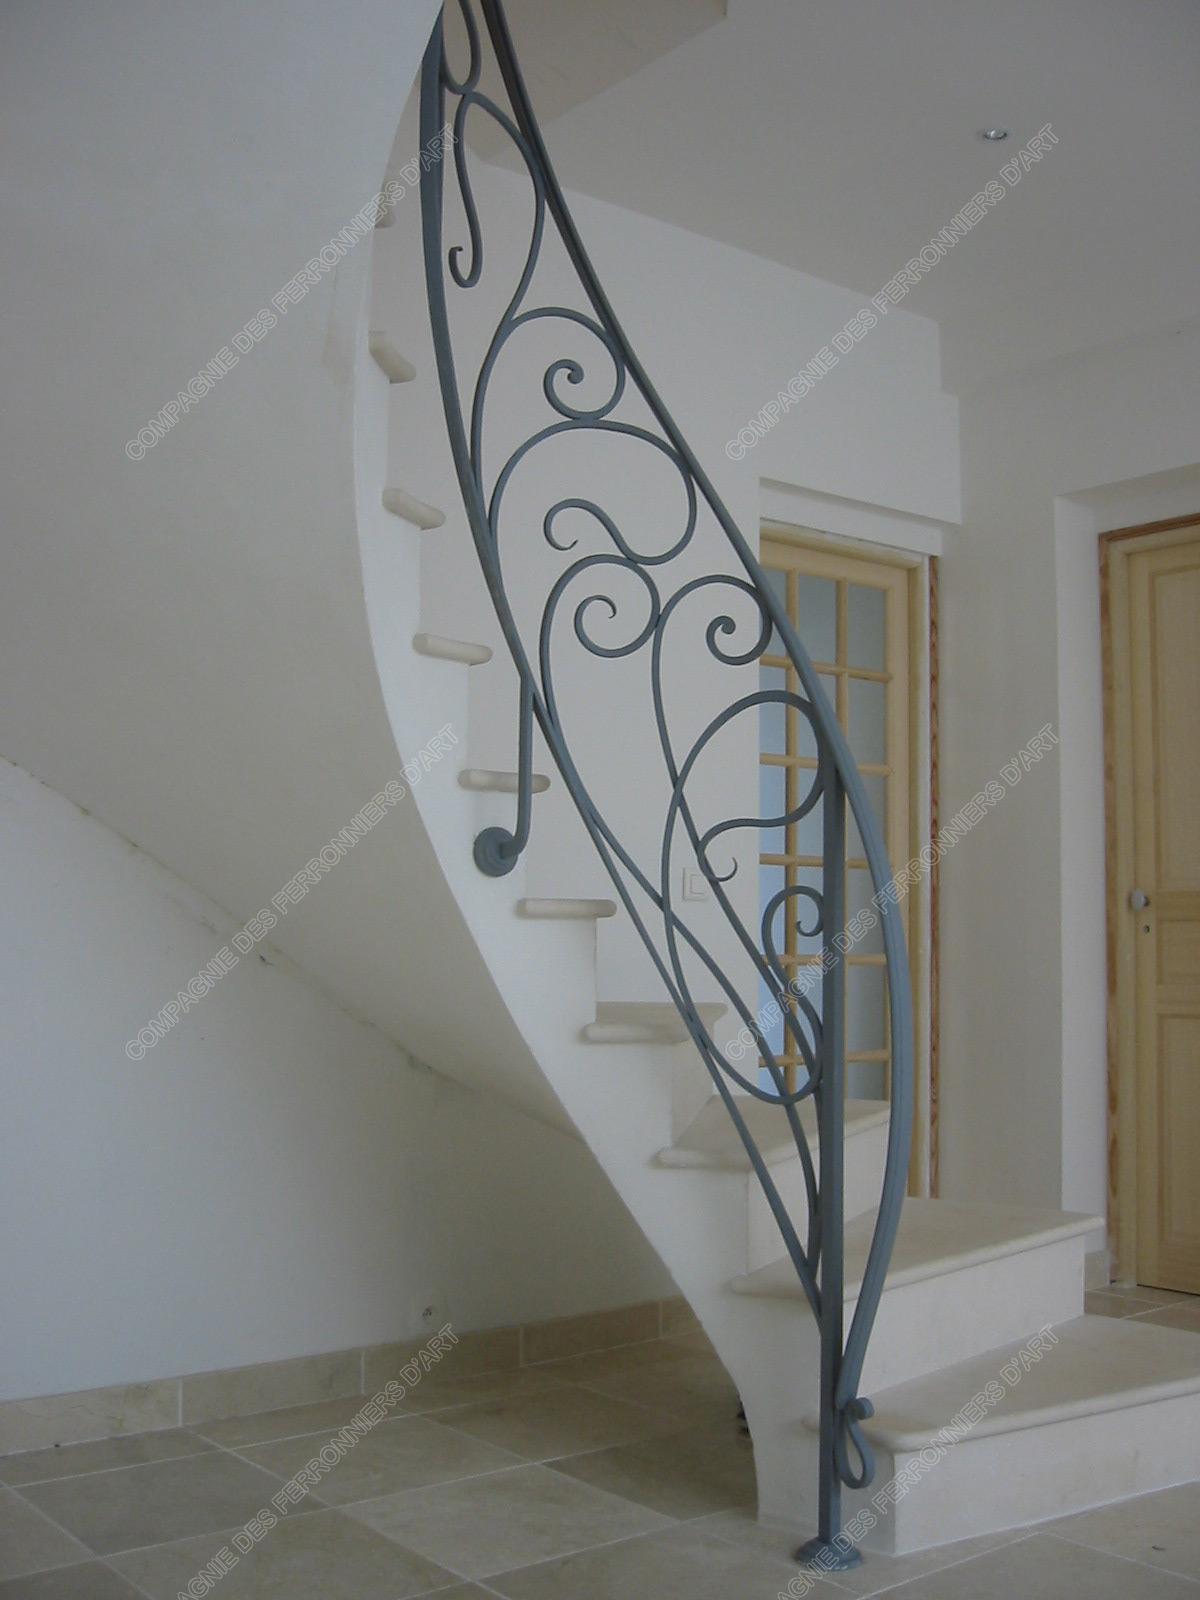 Rampes d 39 escalier en fer forg art nouveau mod le liane for Dessin en fer forge